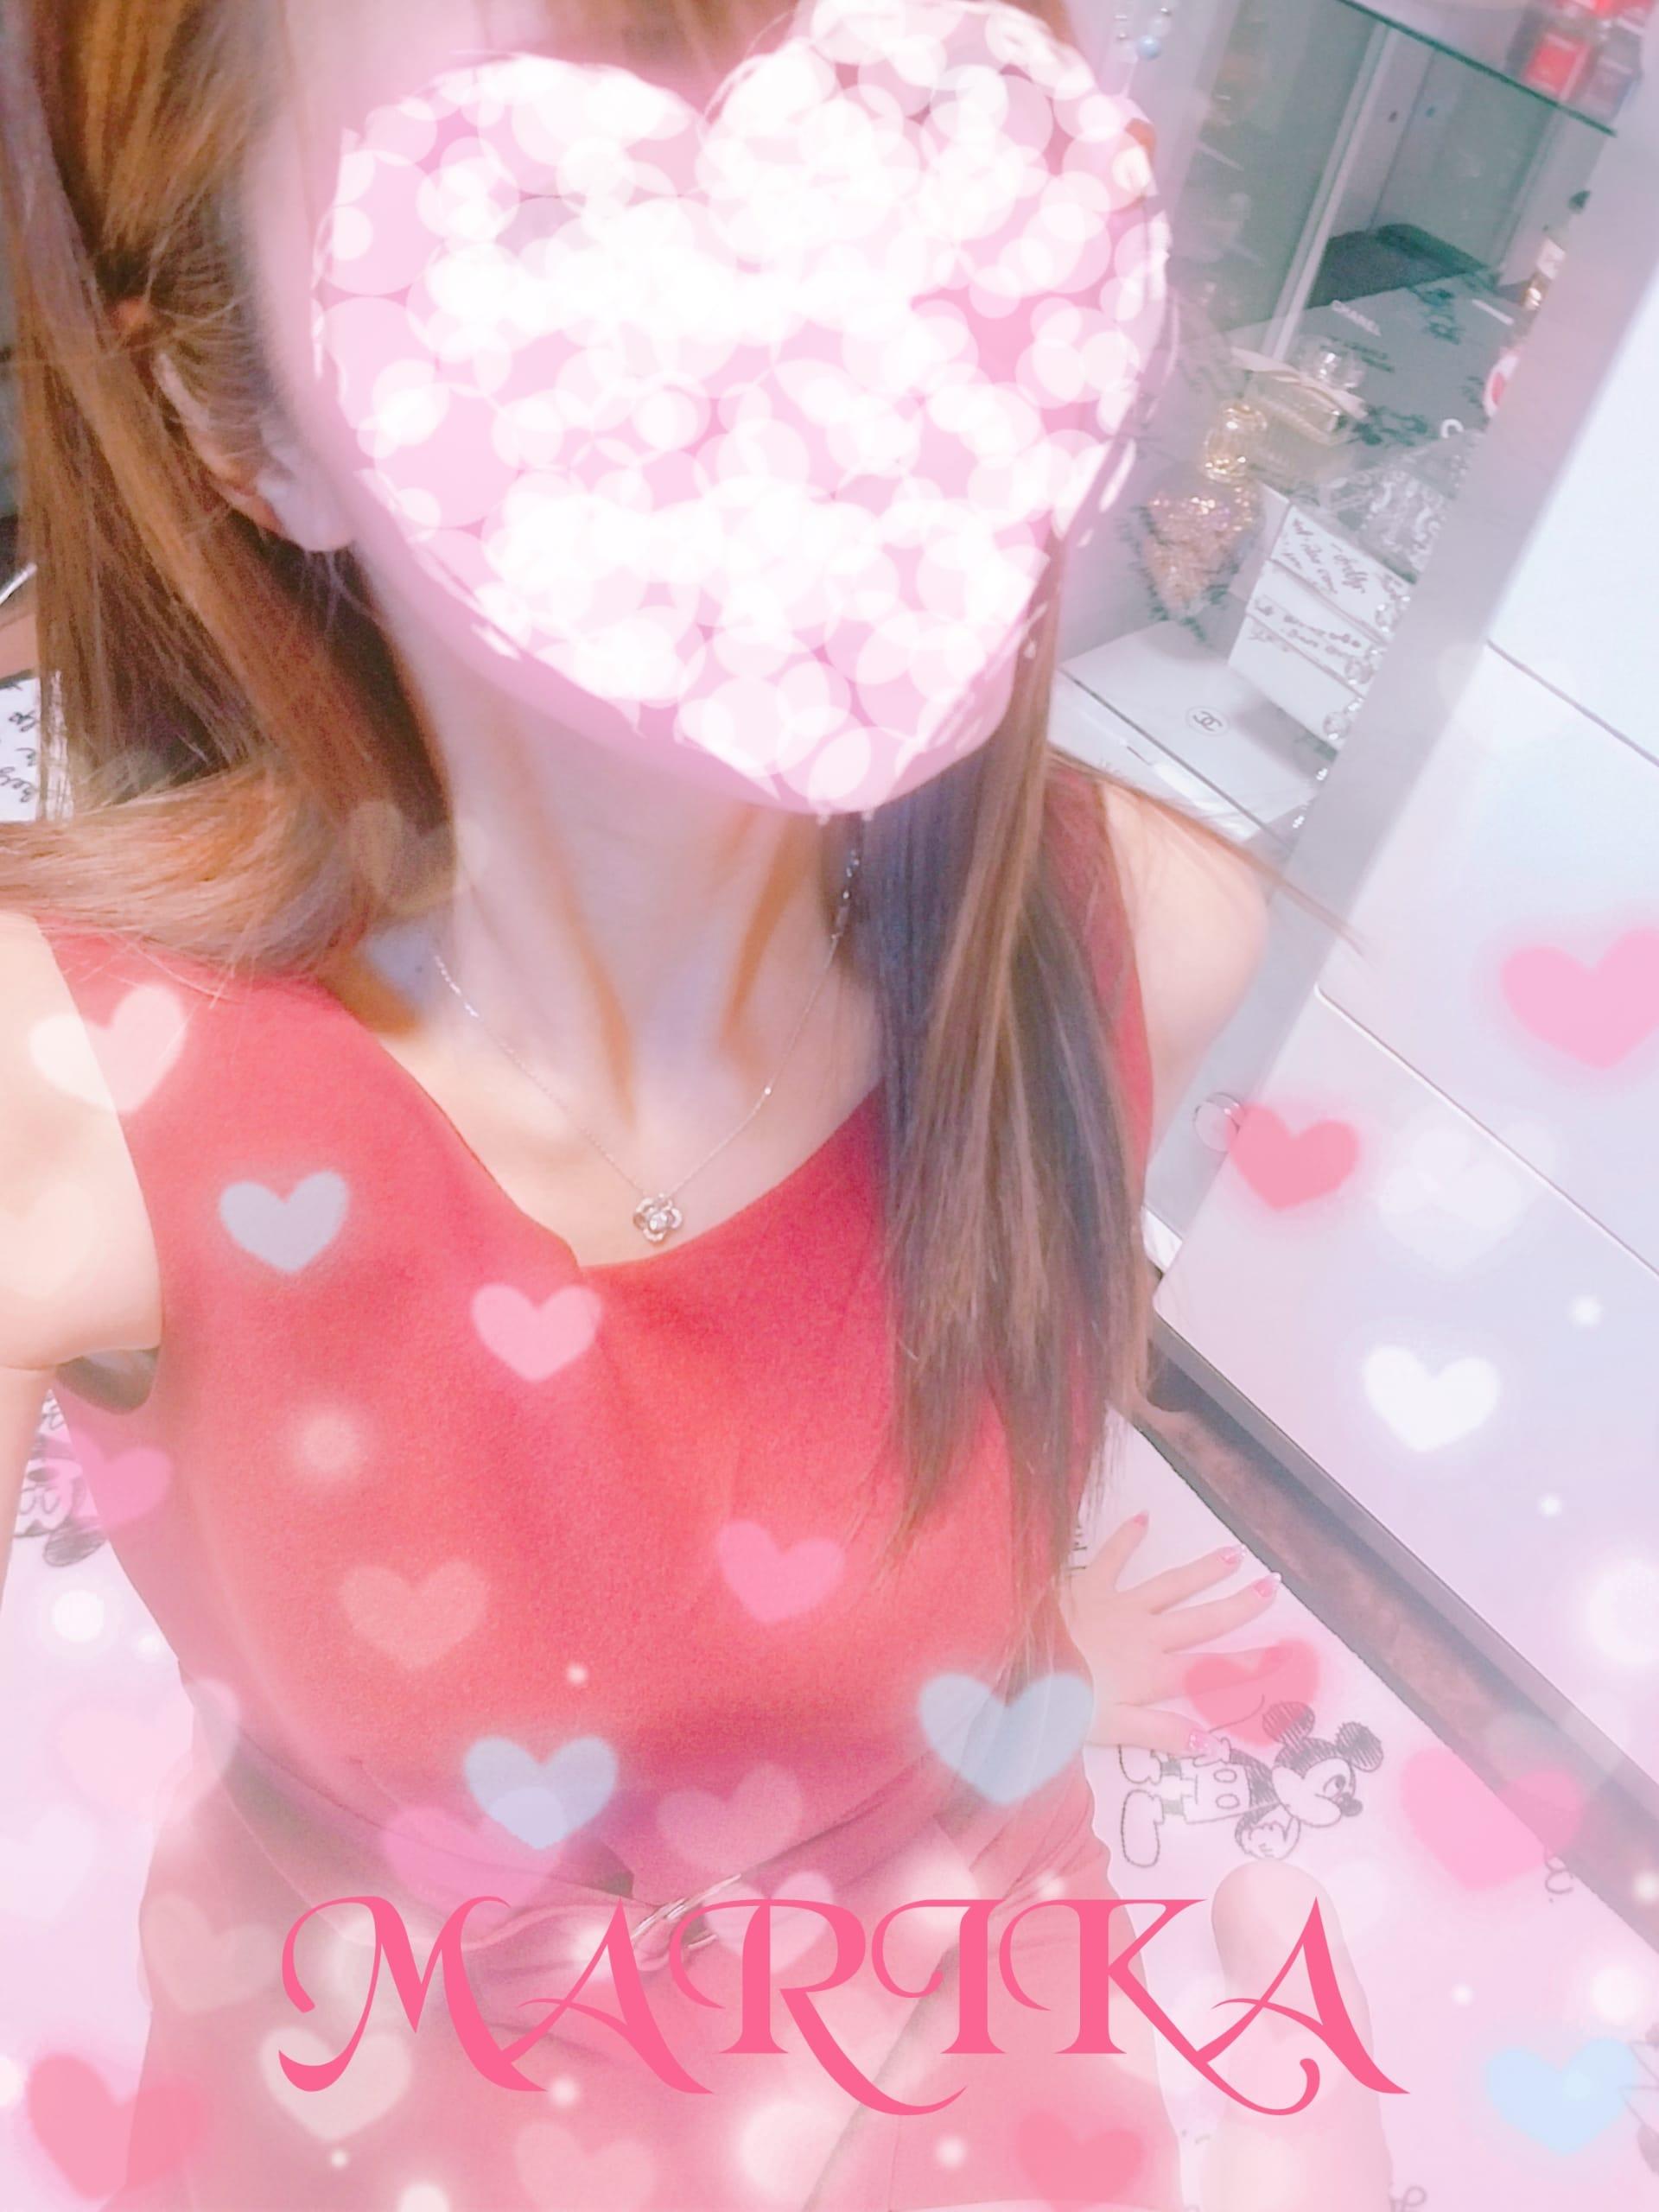 まりか「おはようございます♪」03/18(日) 09:13 | まりかの写メ・風俗動画